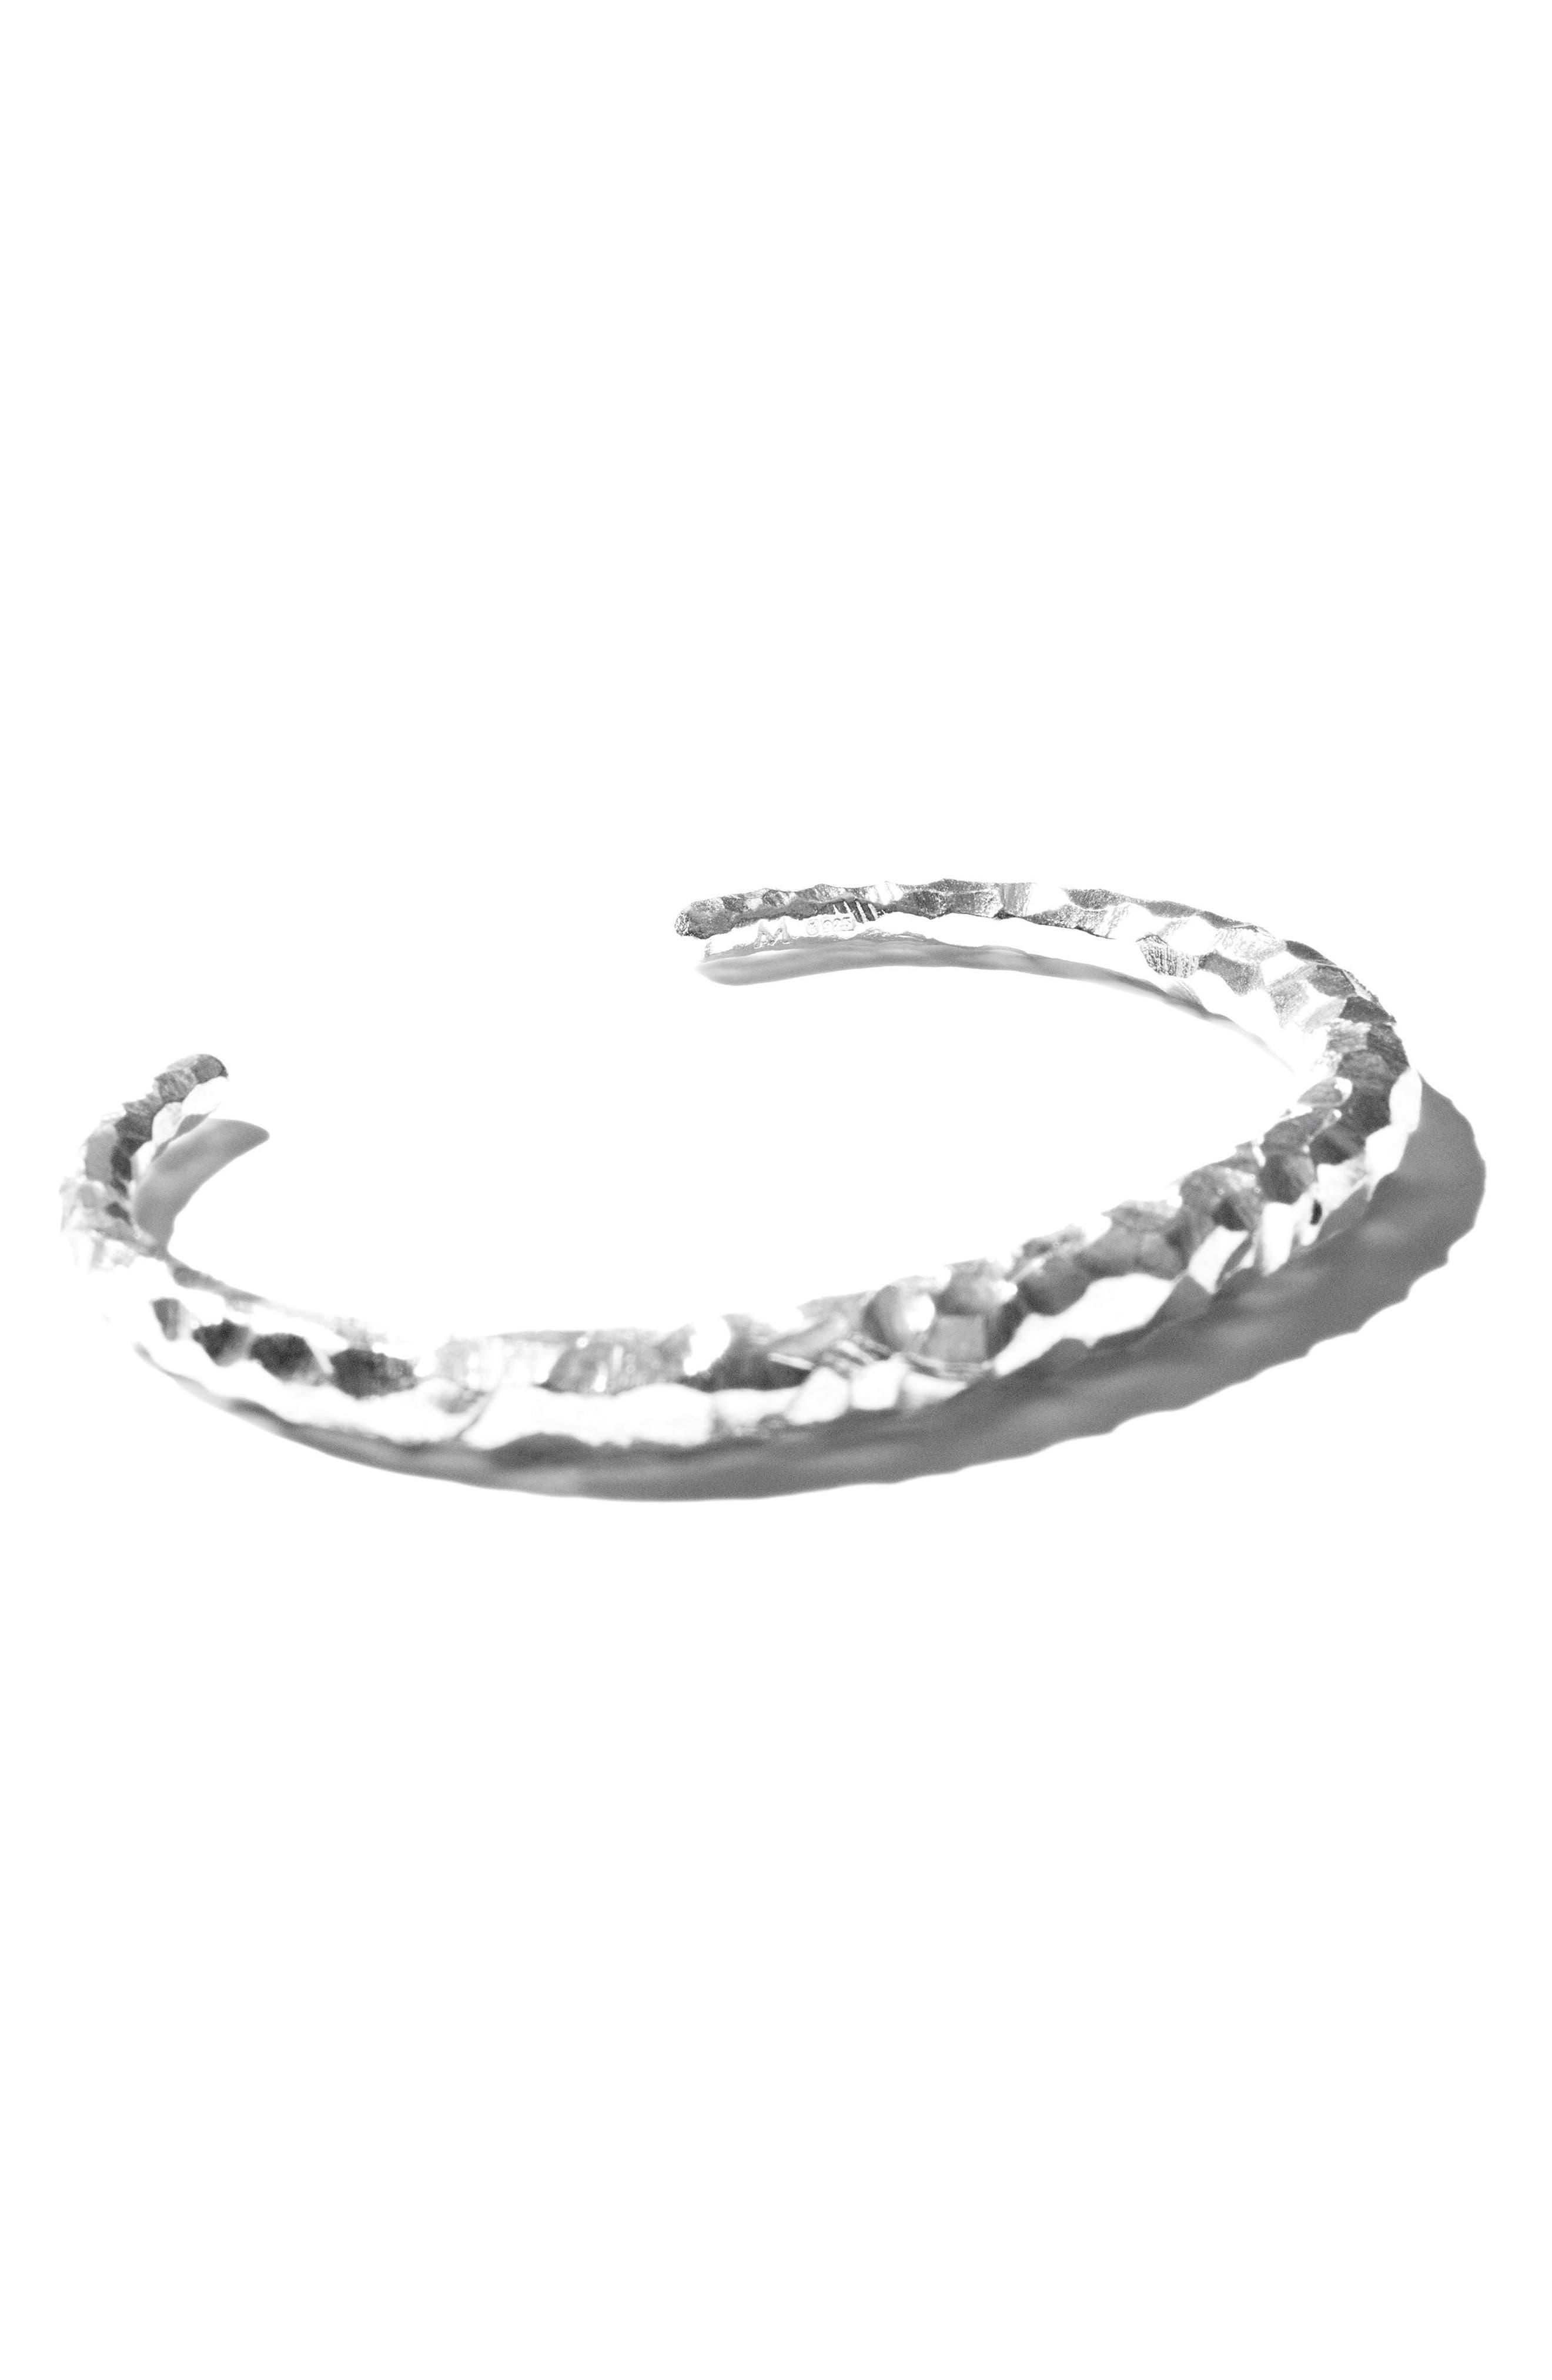 Large Snake Carved Silver Bracelet,                             Alternate thumbnail 7, color,                             CARVED SILVER